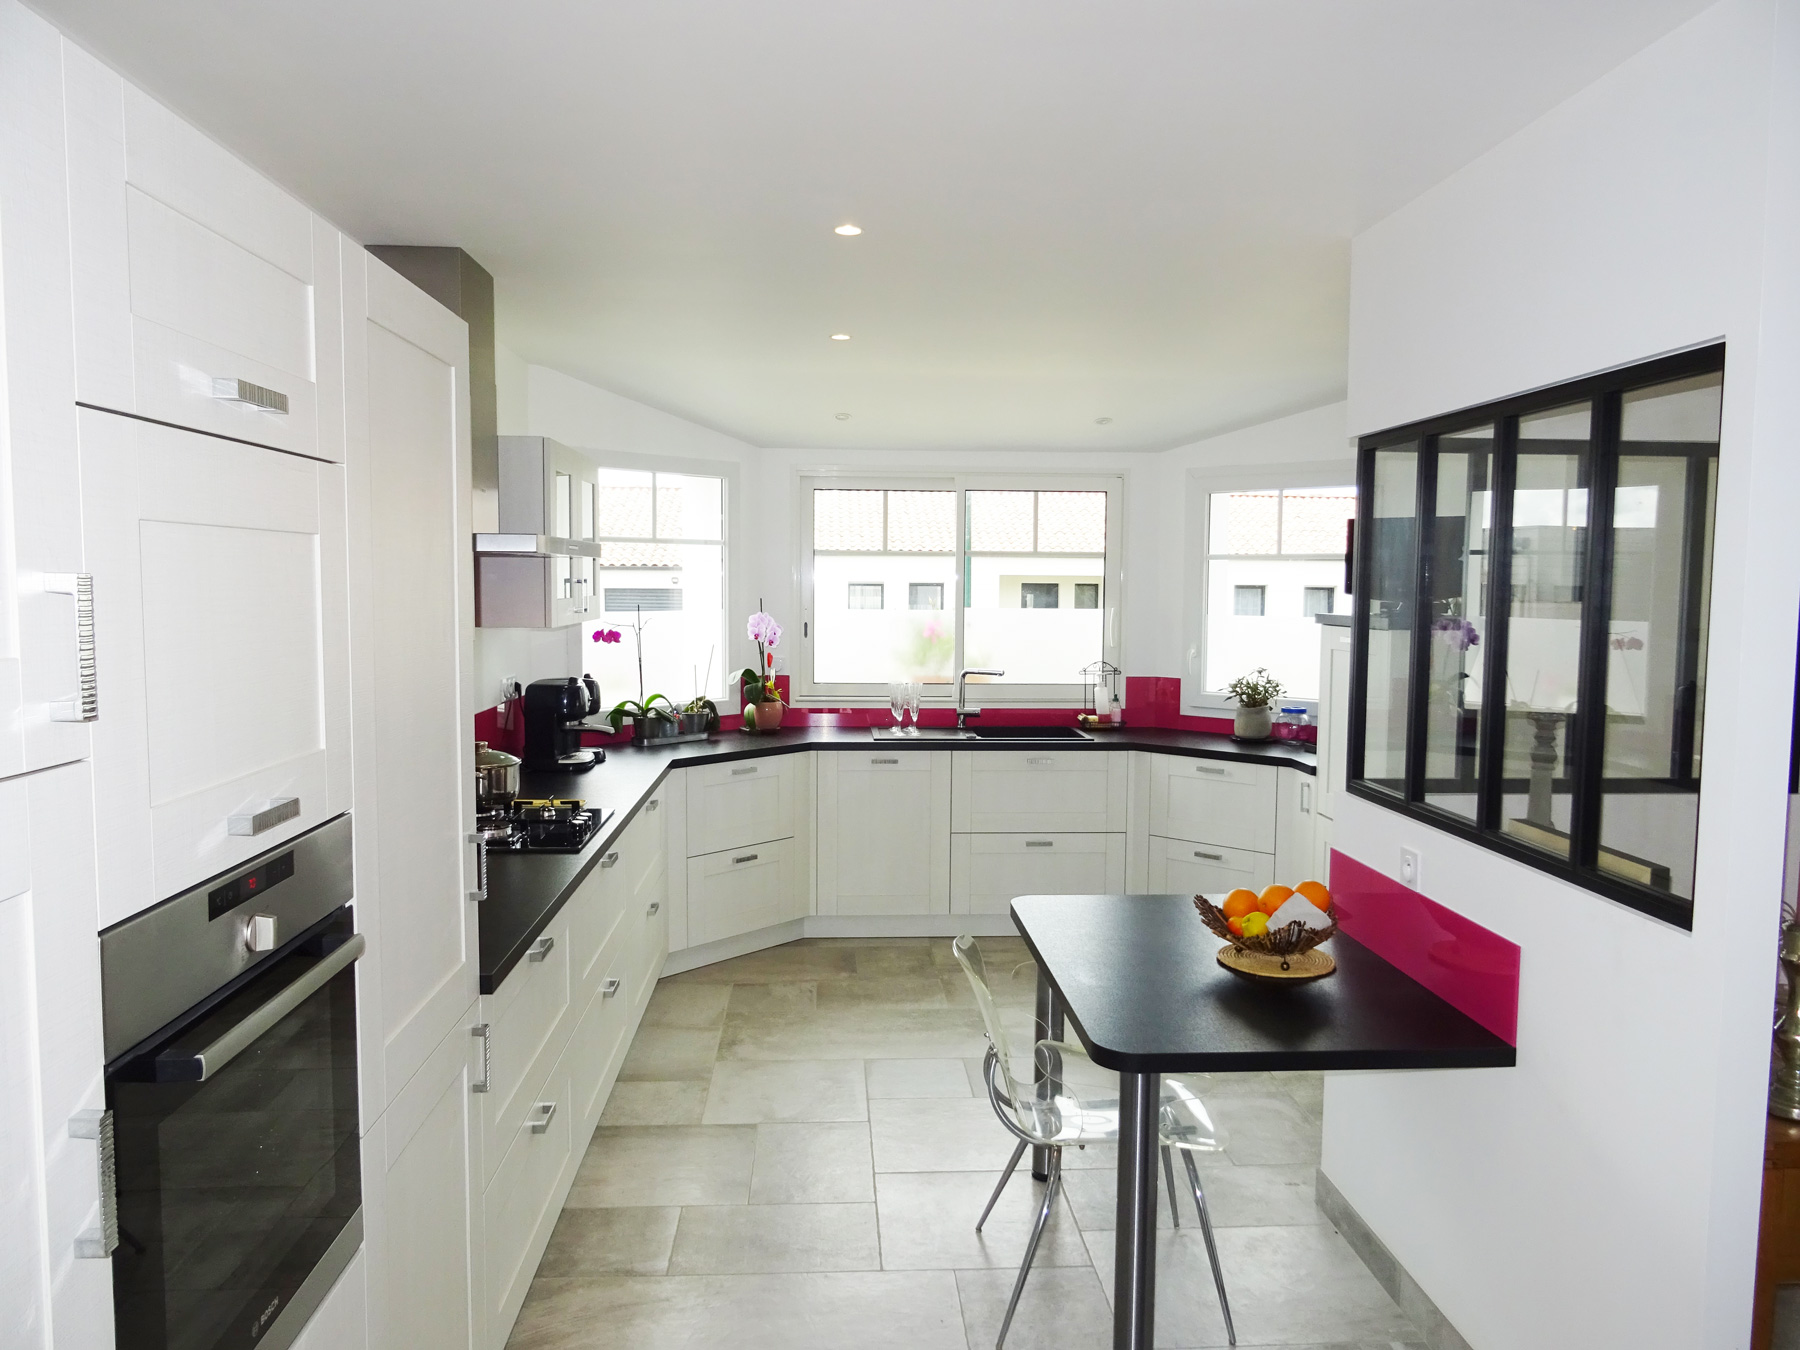 cuisine contemporaine sur mesure st gilles croix de vie g viaud cuisine et meubles. Black Bedroom Furniture Sets. Home Design Ideas